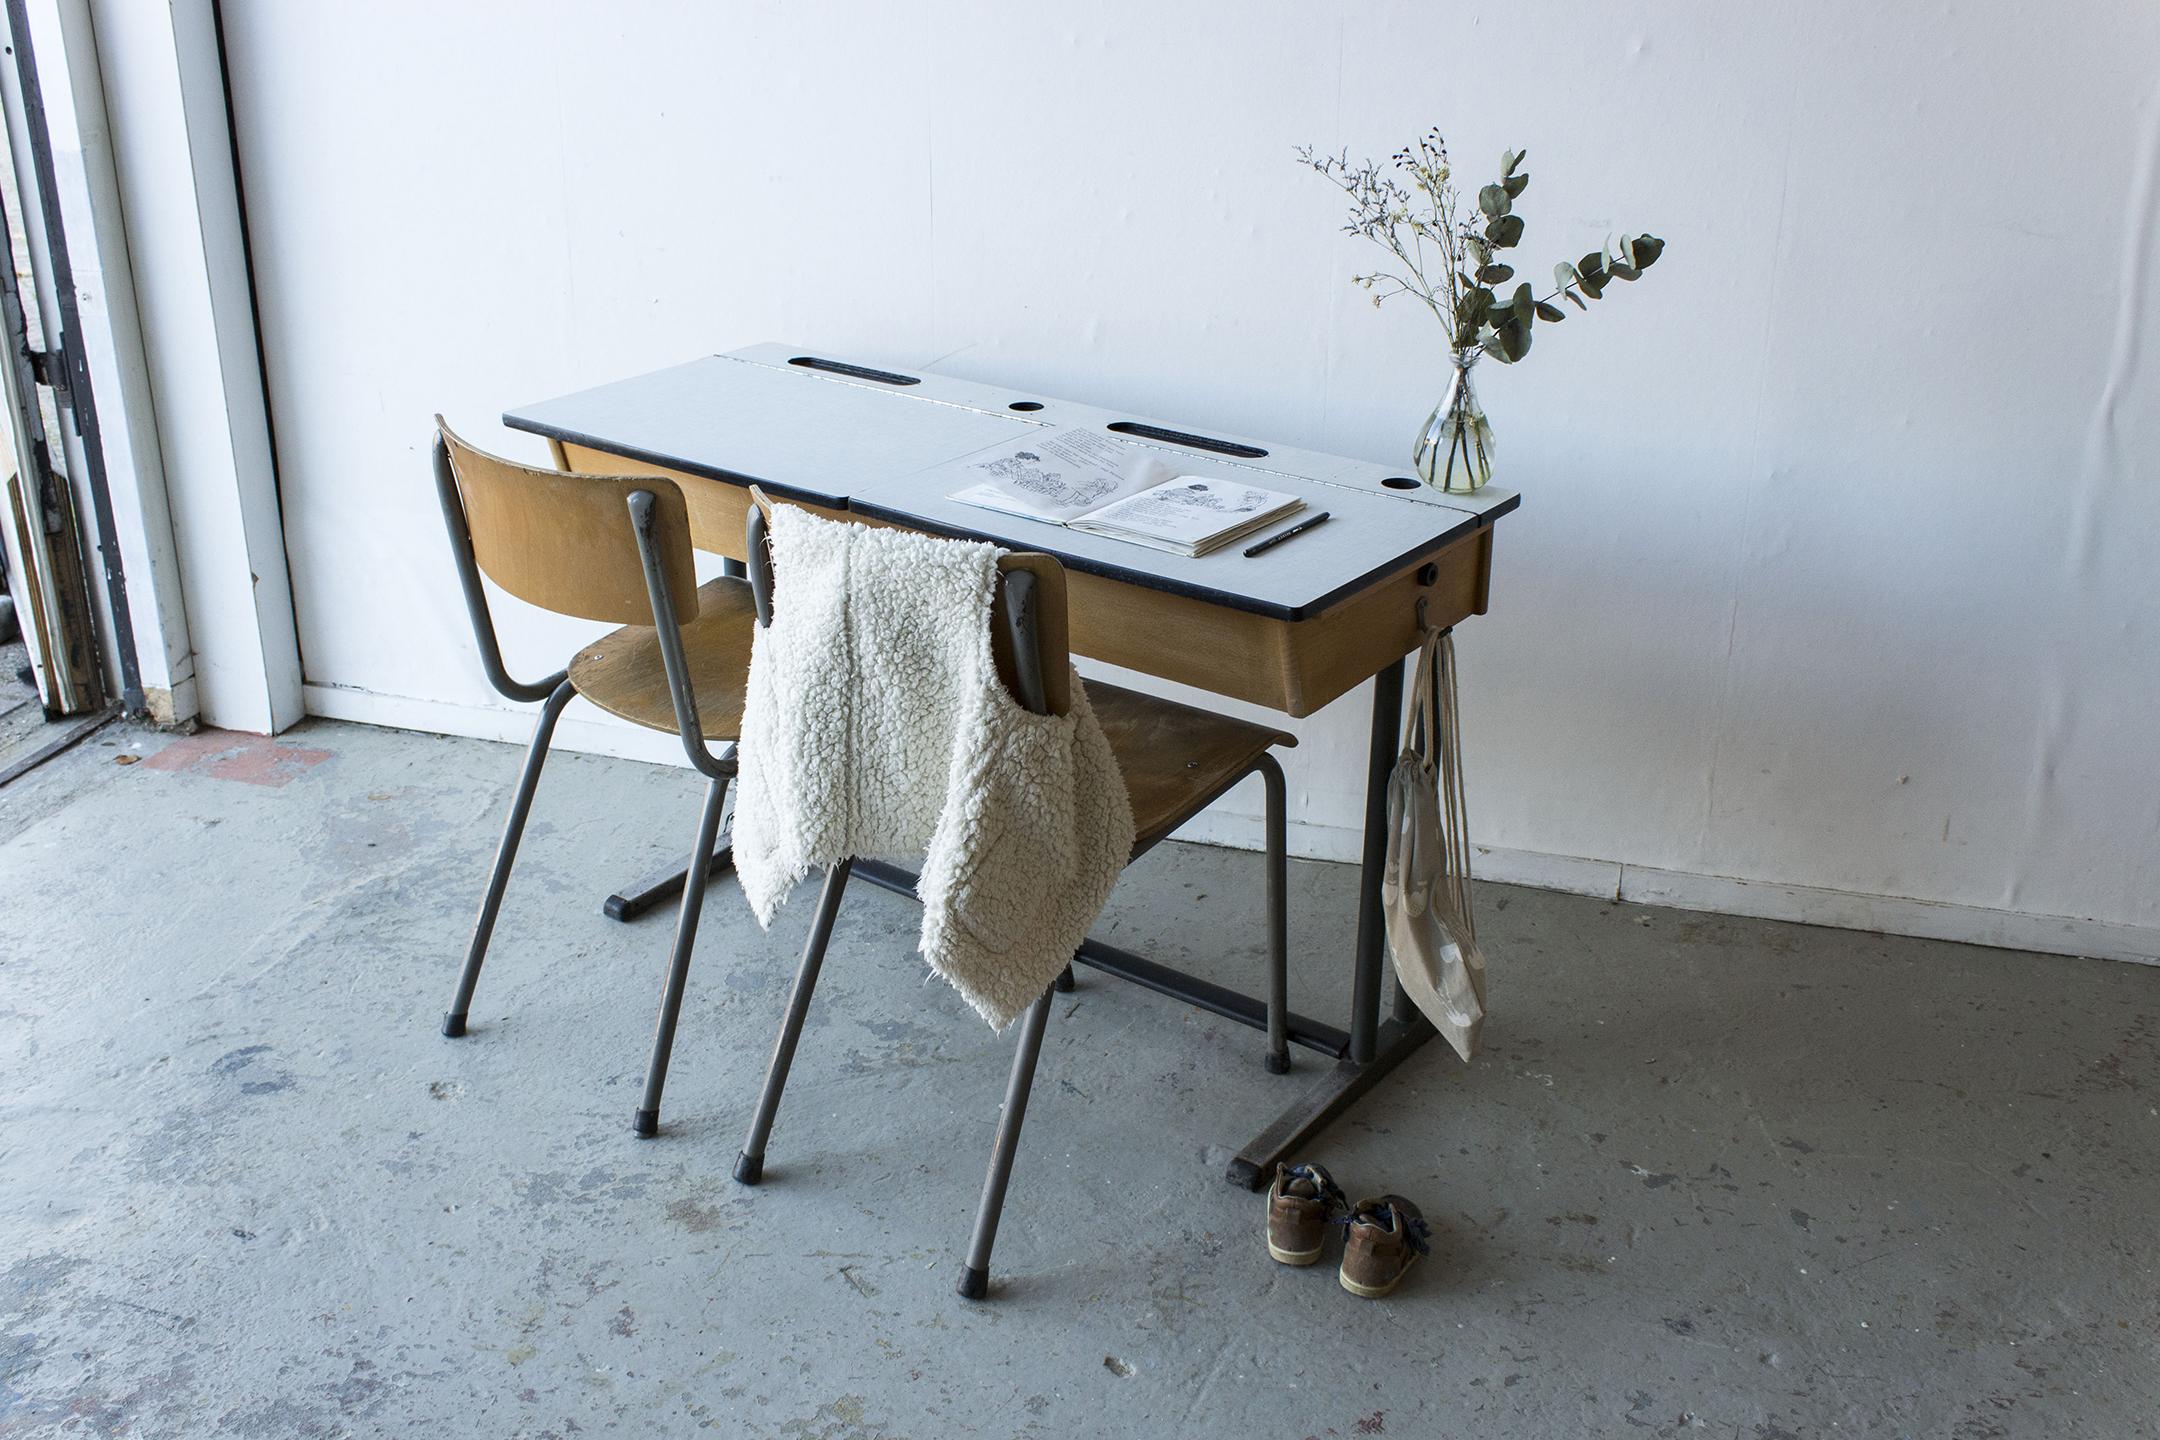 3163 - vintgate schooltafel met kleppen - Firma zoethout_1.jpg